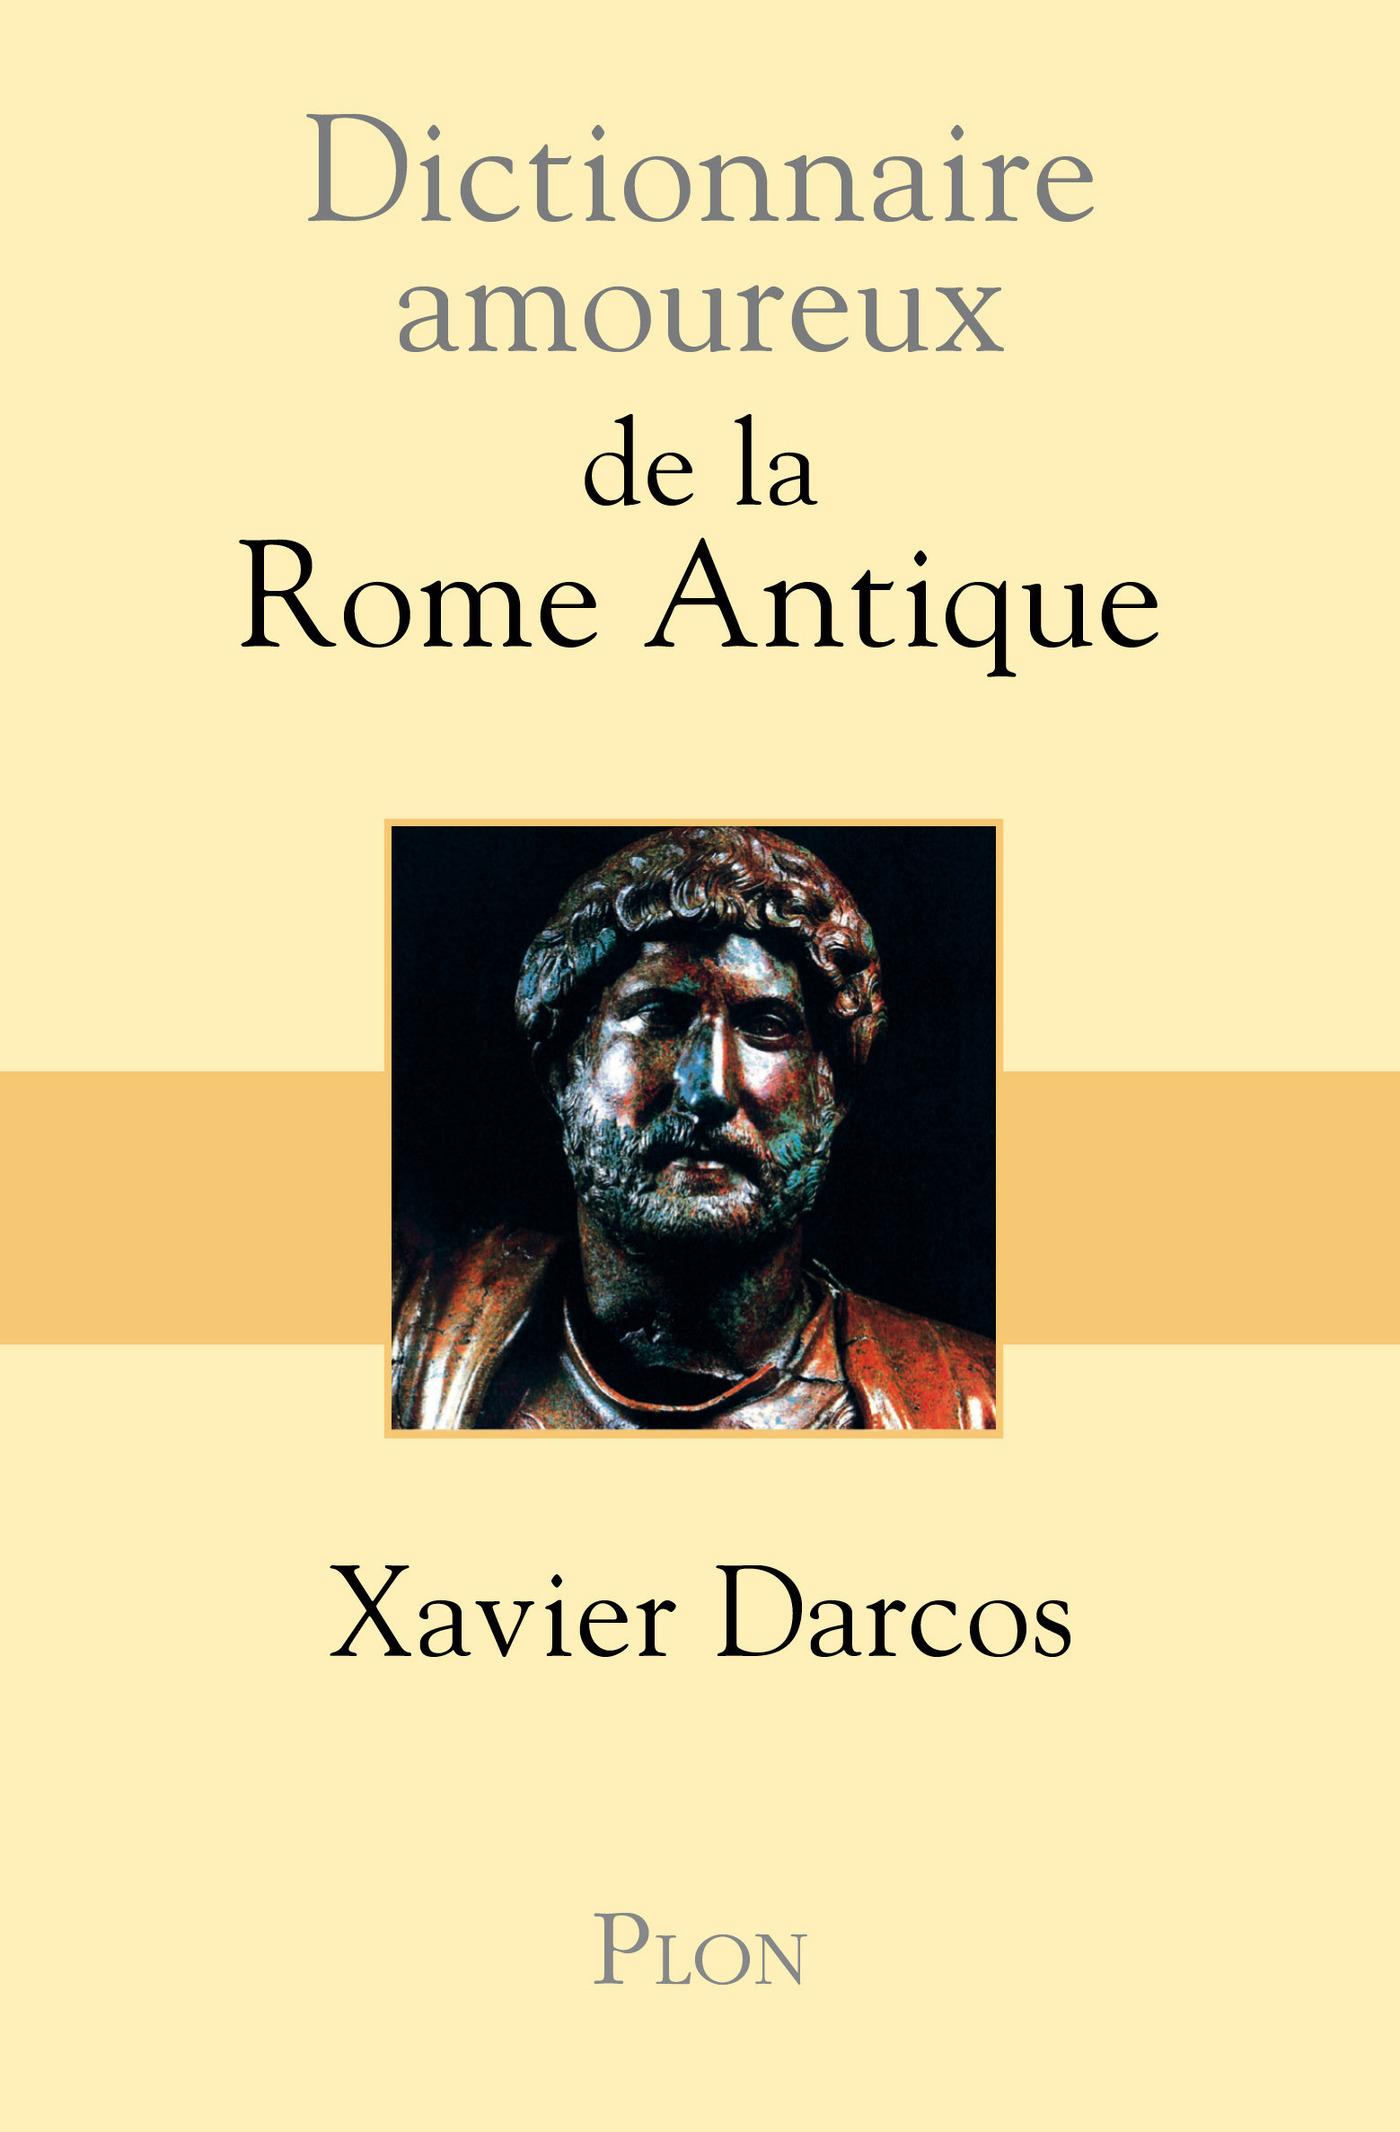 Dictionnaire amoureux de la Rome antique (ebook)